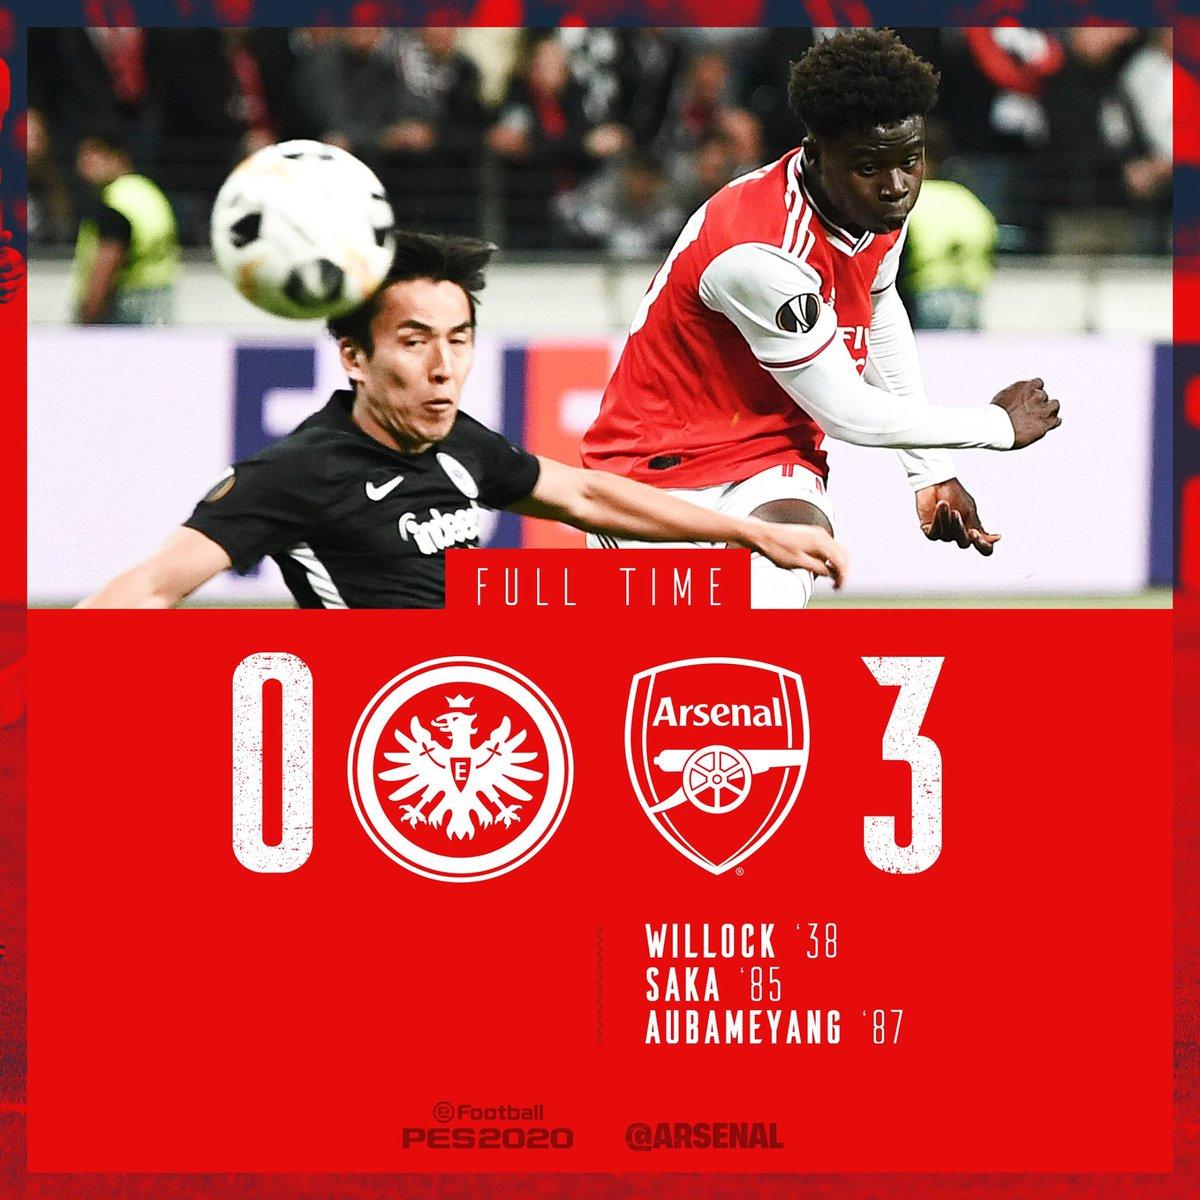 🏆 : الدوري الأوروبي🗒 : الجولة الأولى⚽️ - اينترخت فرانكفورت 0 × 3 ارسنال🎥 : الأهداف📎 - http://v.ht/O0bh🎥 : ملخص المباراة📎 - http://v.ht/Yz6e⬅️ : #ارسنال #Arsenal